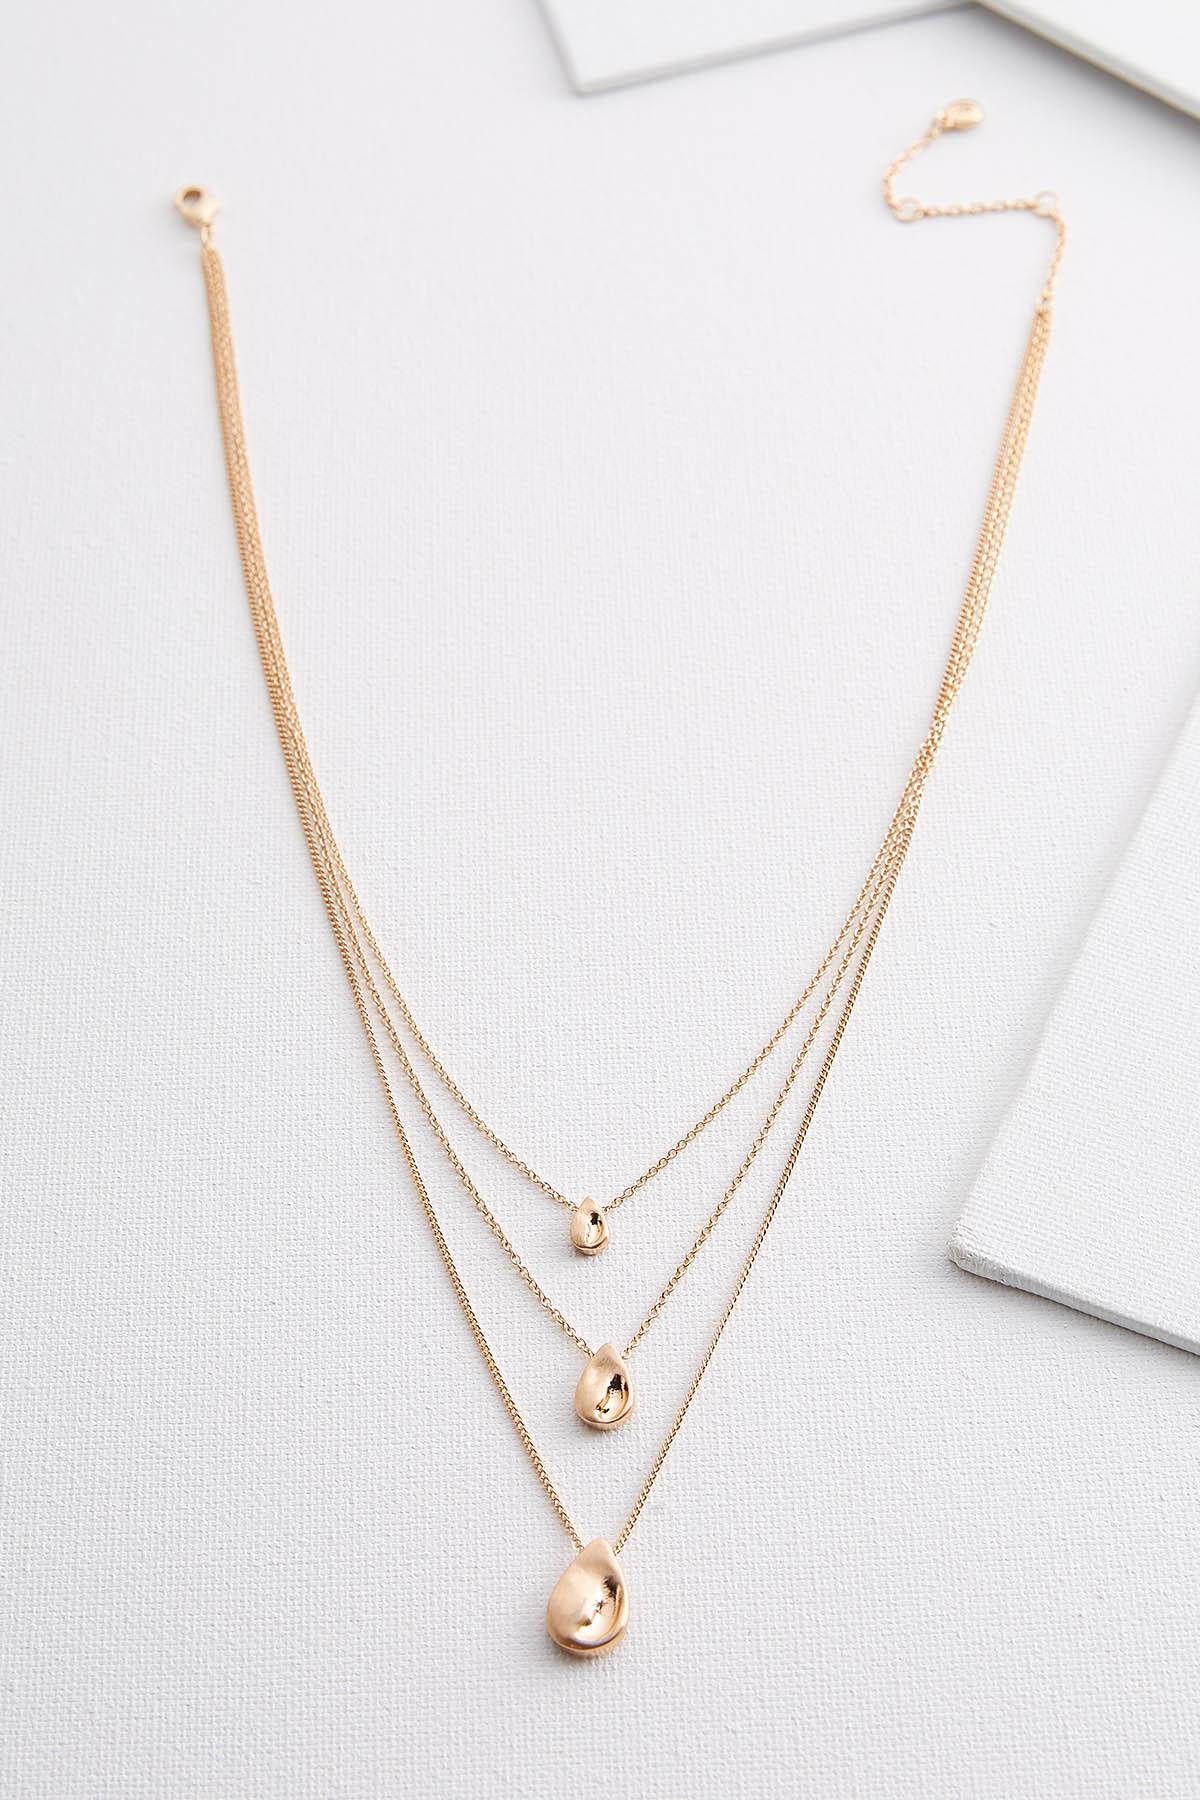 Golden Tears Pendant Necklace